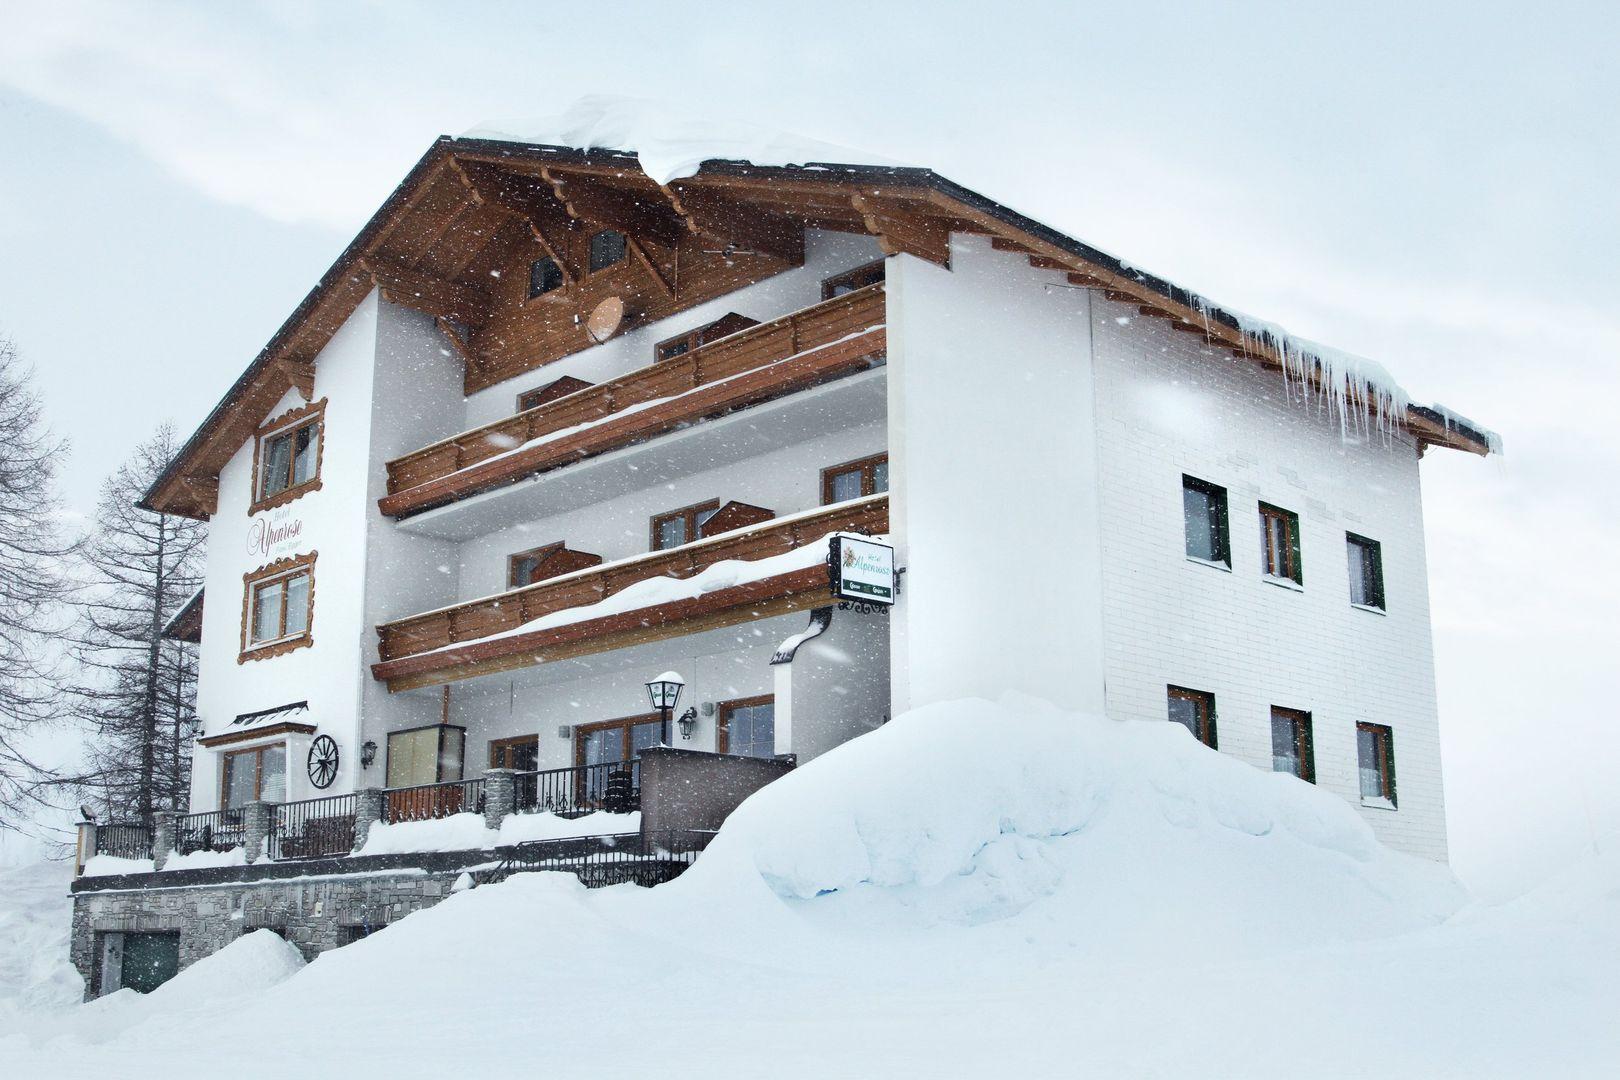 Meer info over Hotel Alpenrose  bij Wintertrex